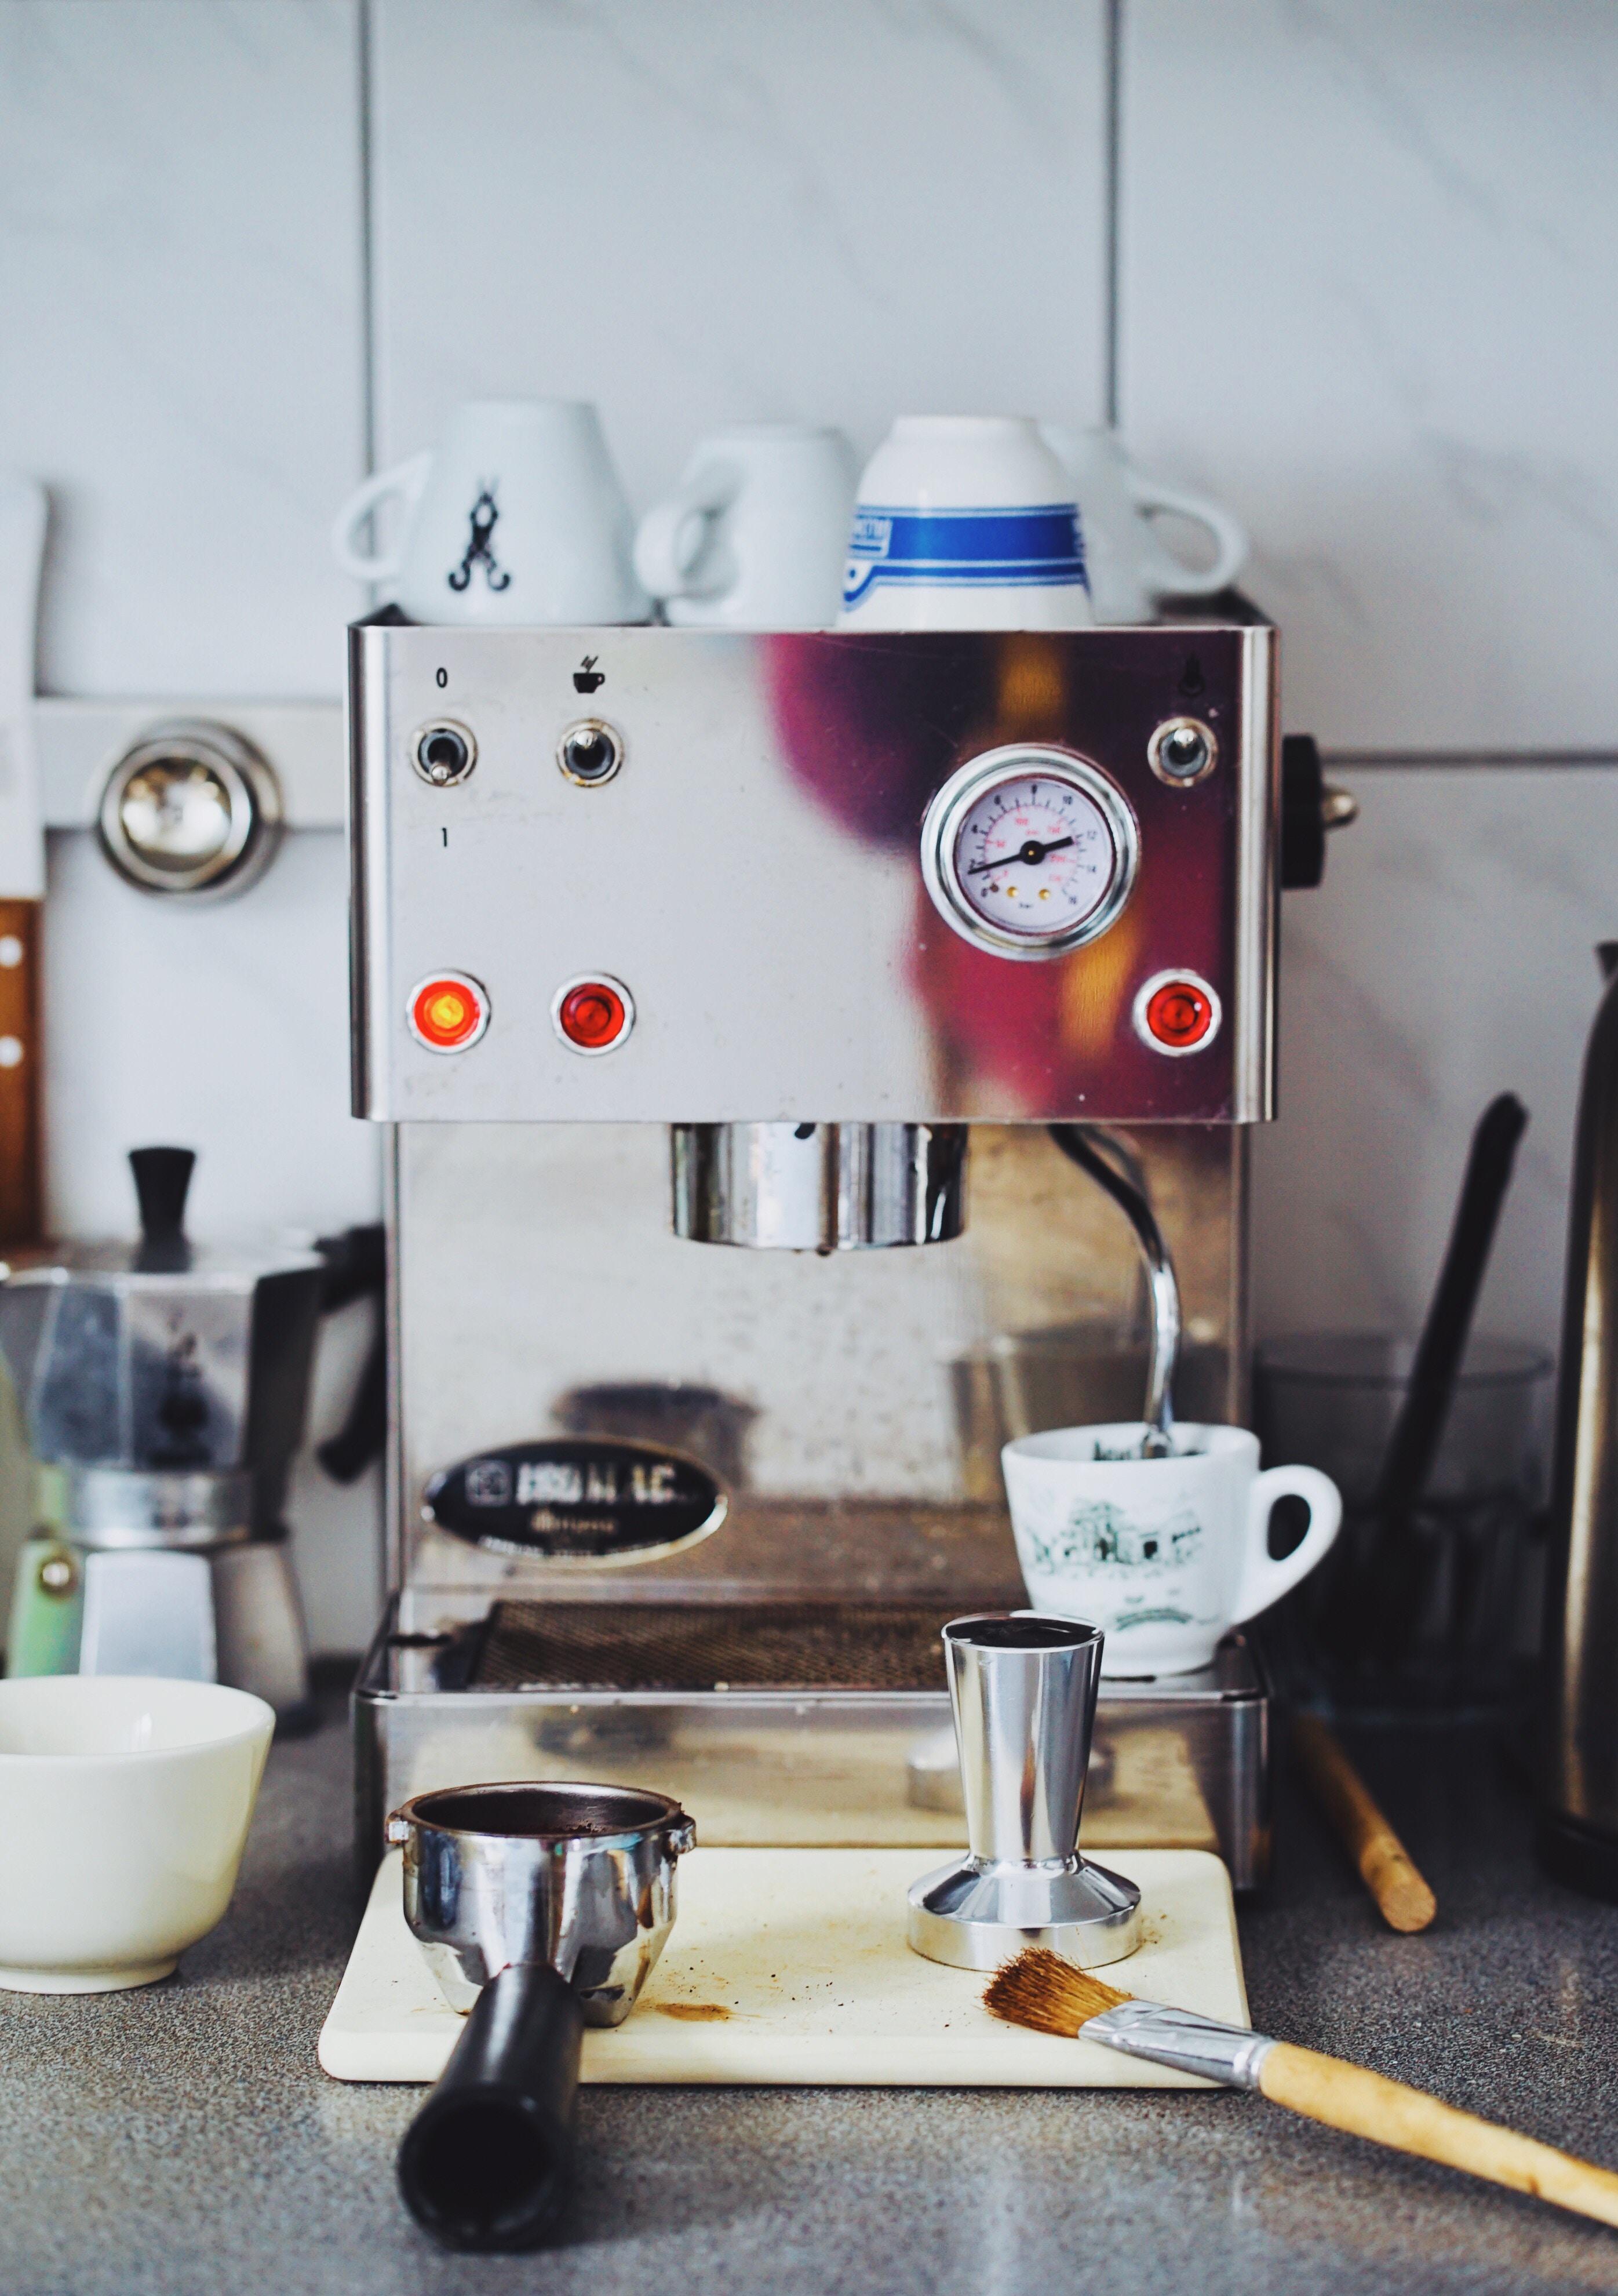 guida all'acquisto2 macchina caffe